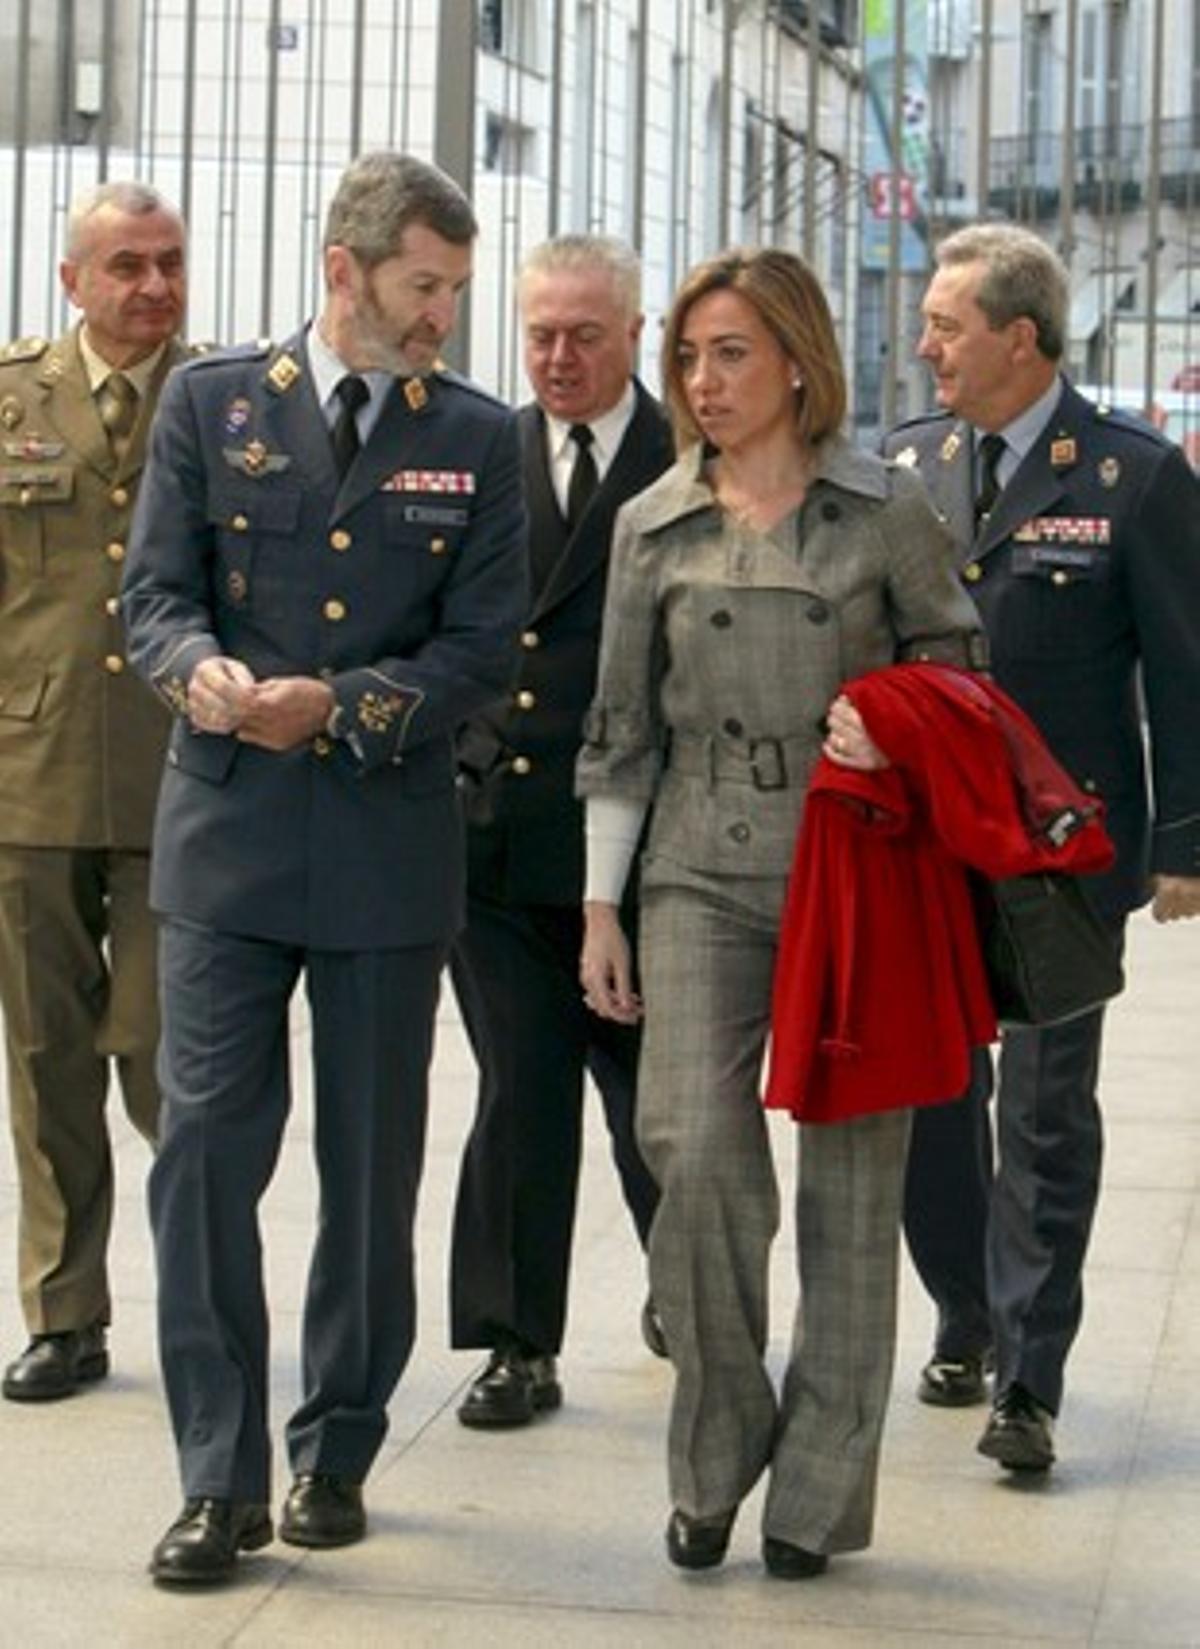 Carme Chacón llega al Congreso con el jefe del Estado Mayor de la Defensa, José Julio Rodríguez, y otros mandos militares.